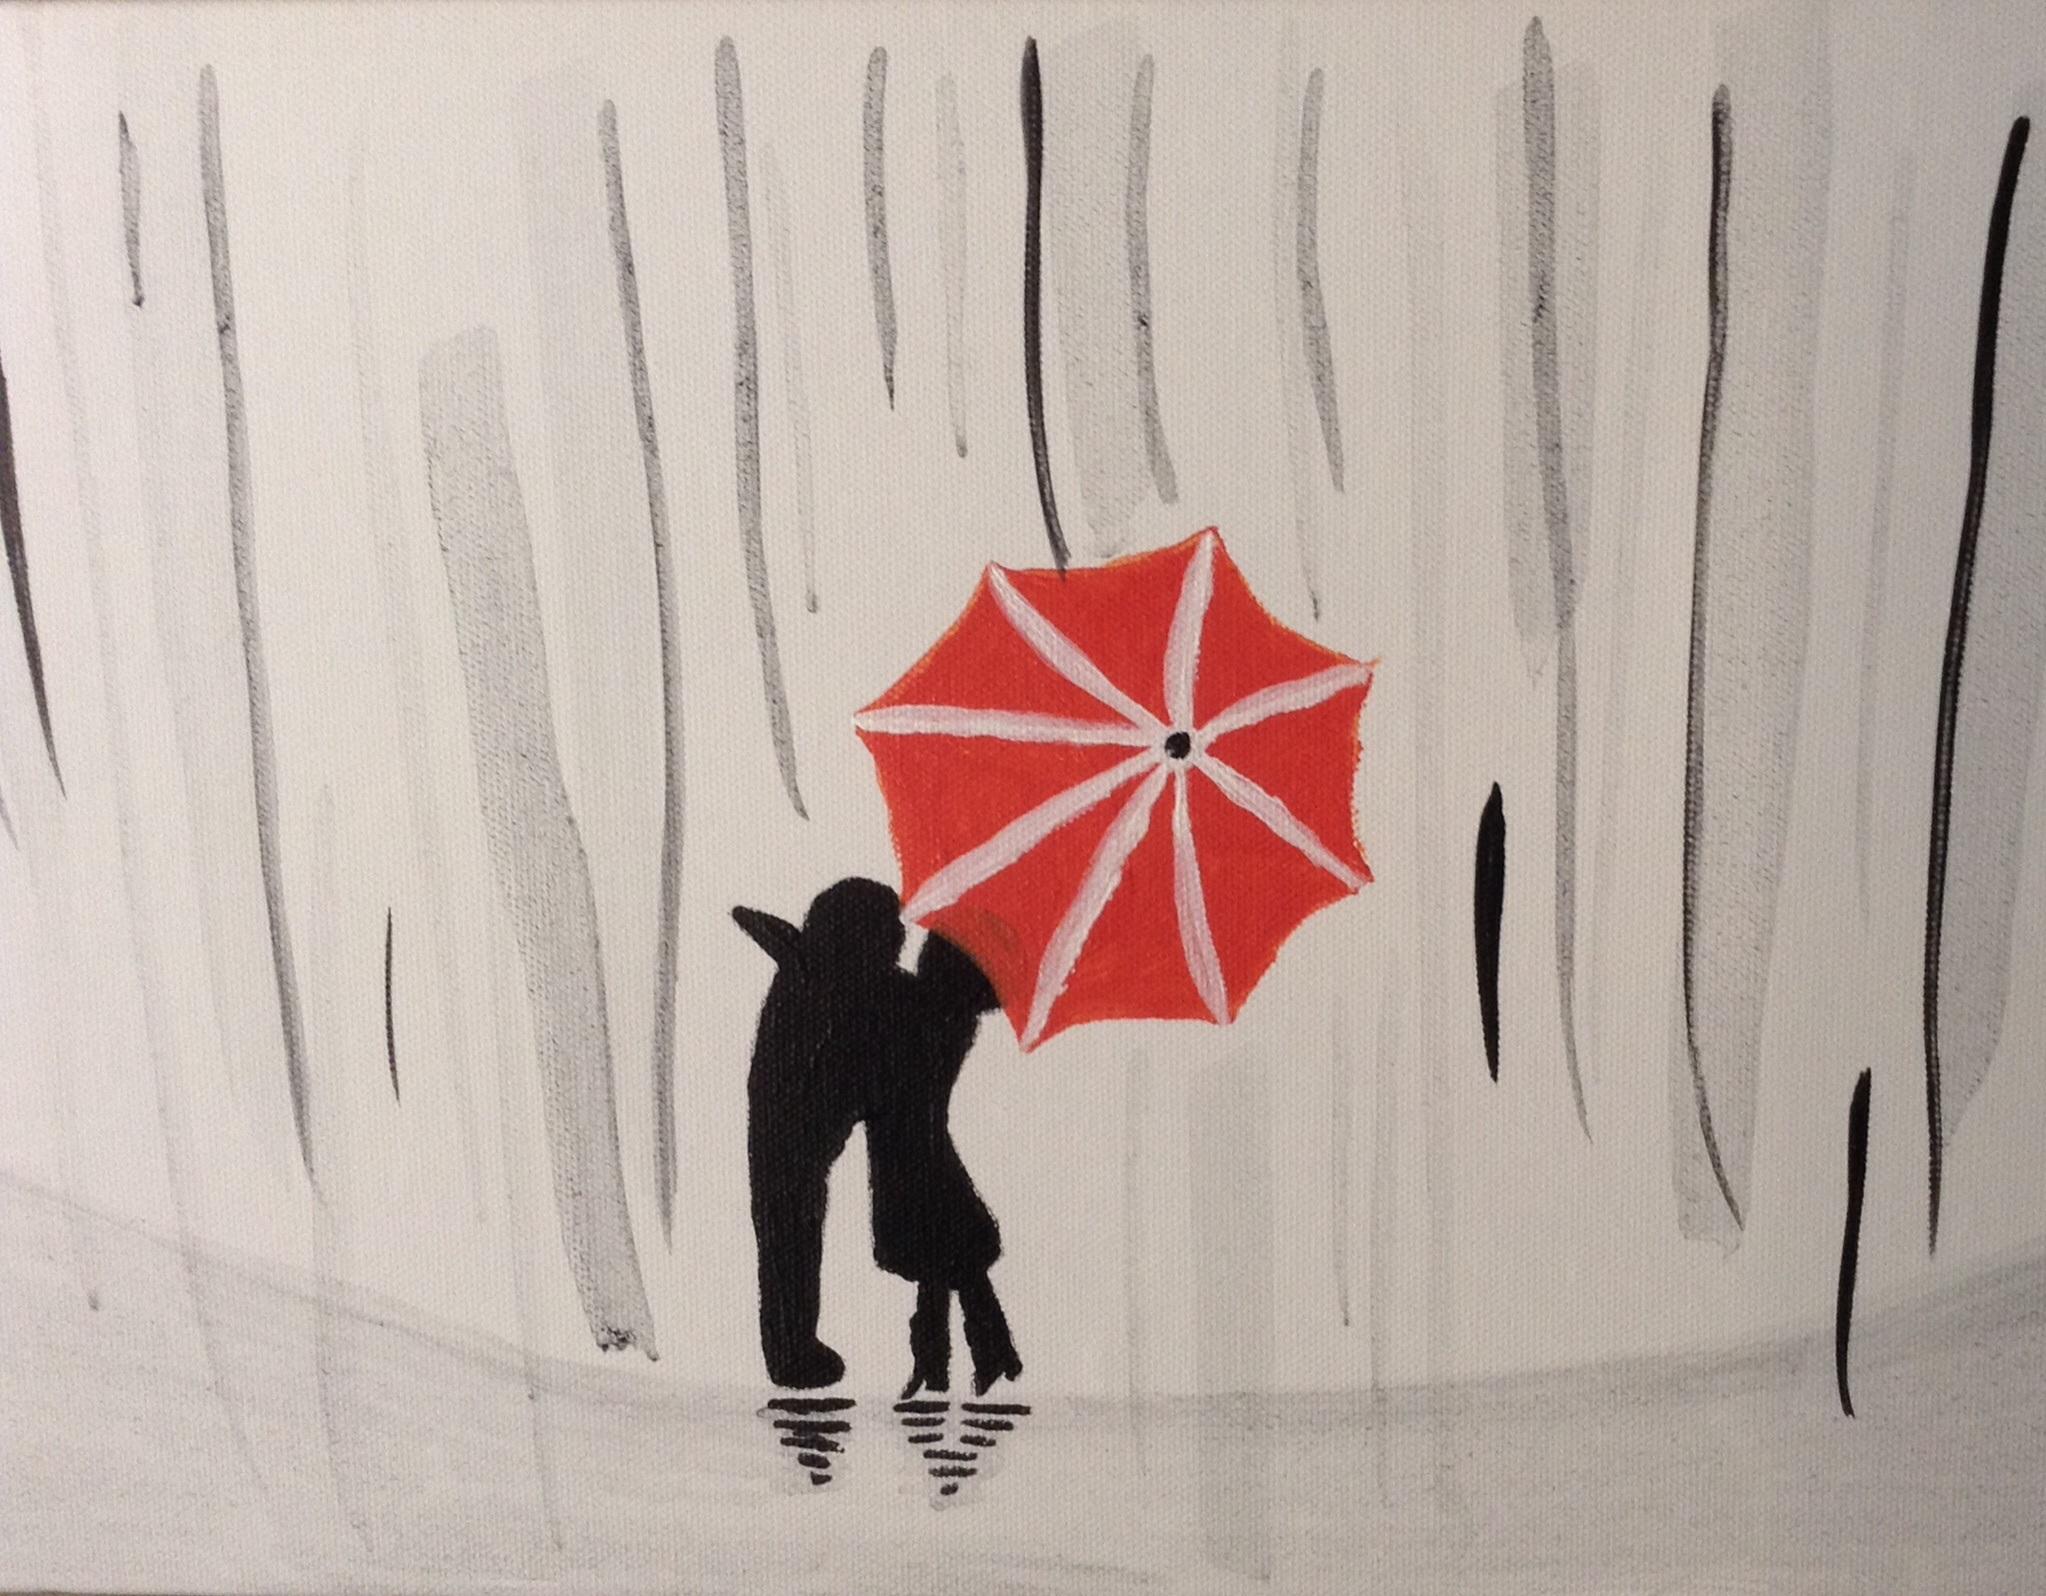 Fotoğraf Kız Beyaz Yağmur Oğlan Portakal Kırmızı şemsiye